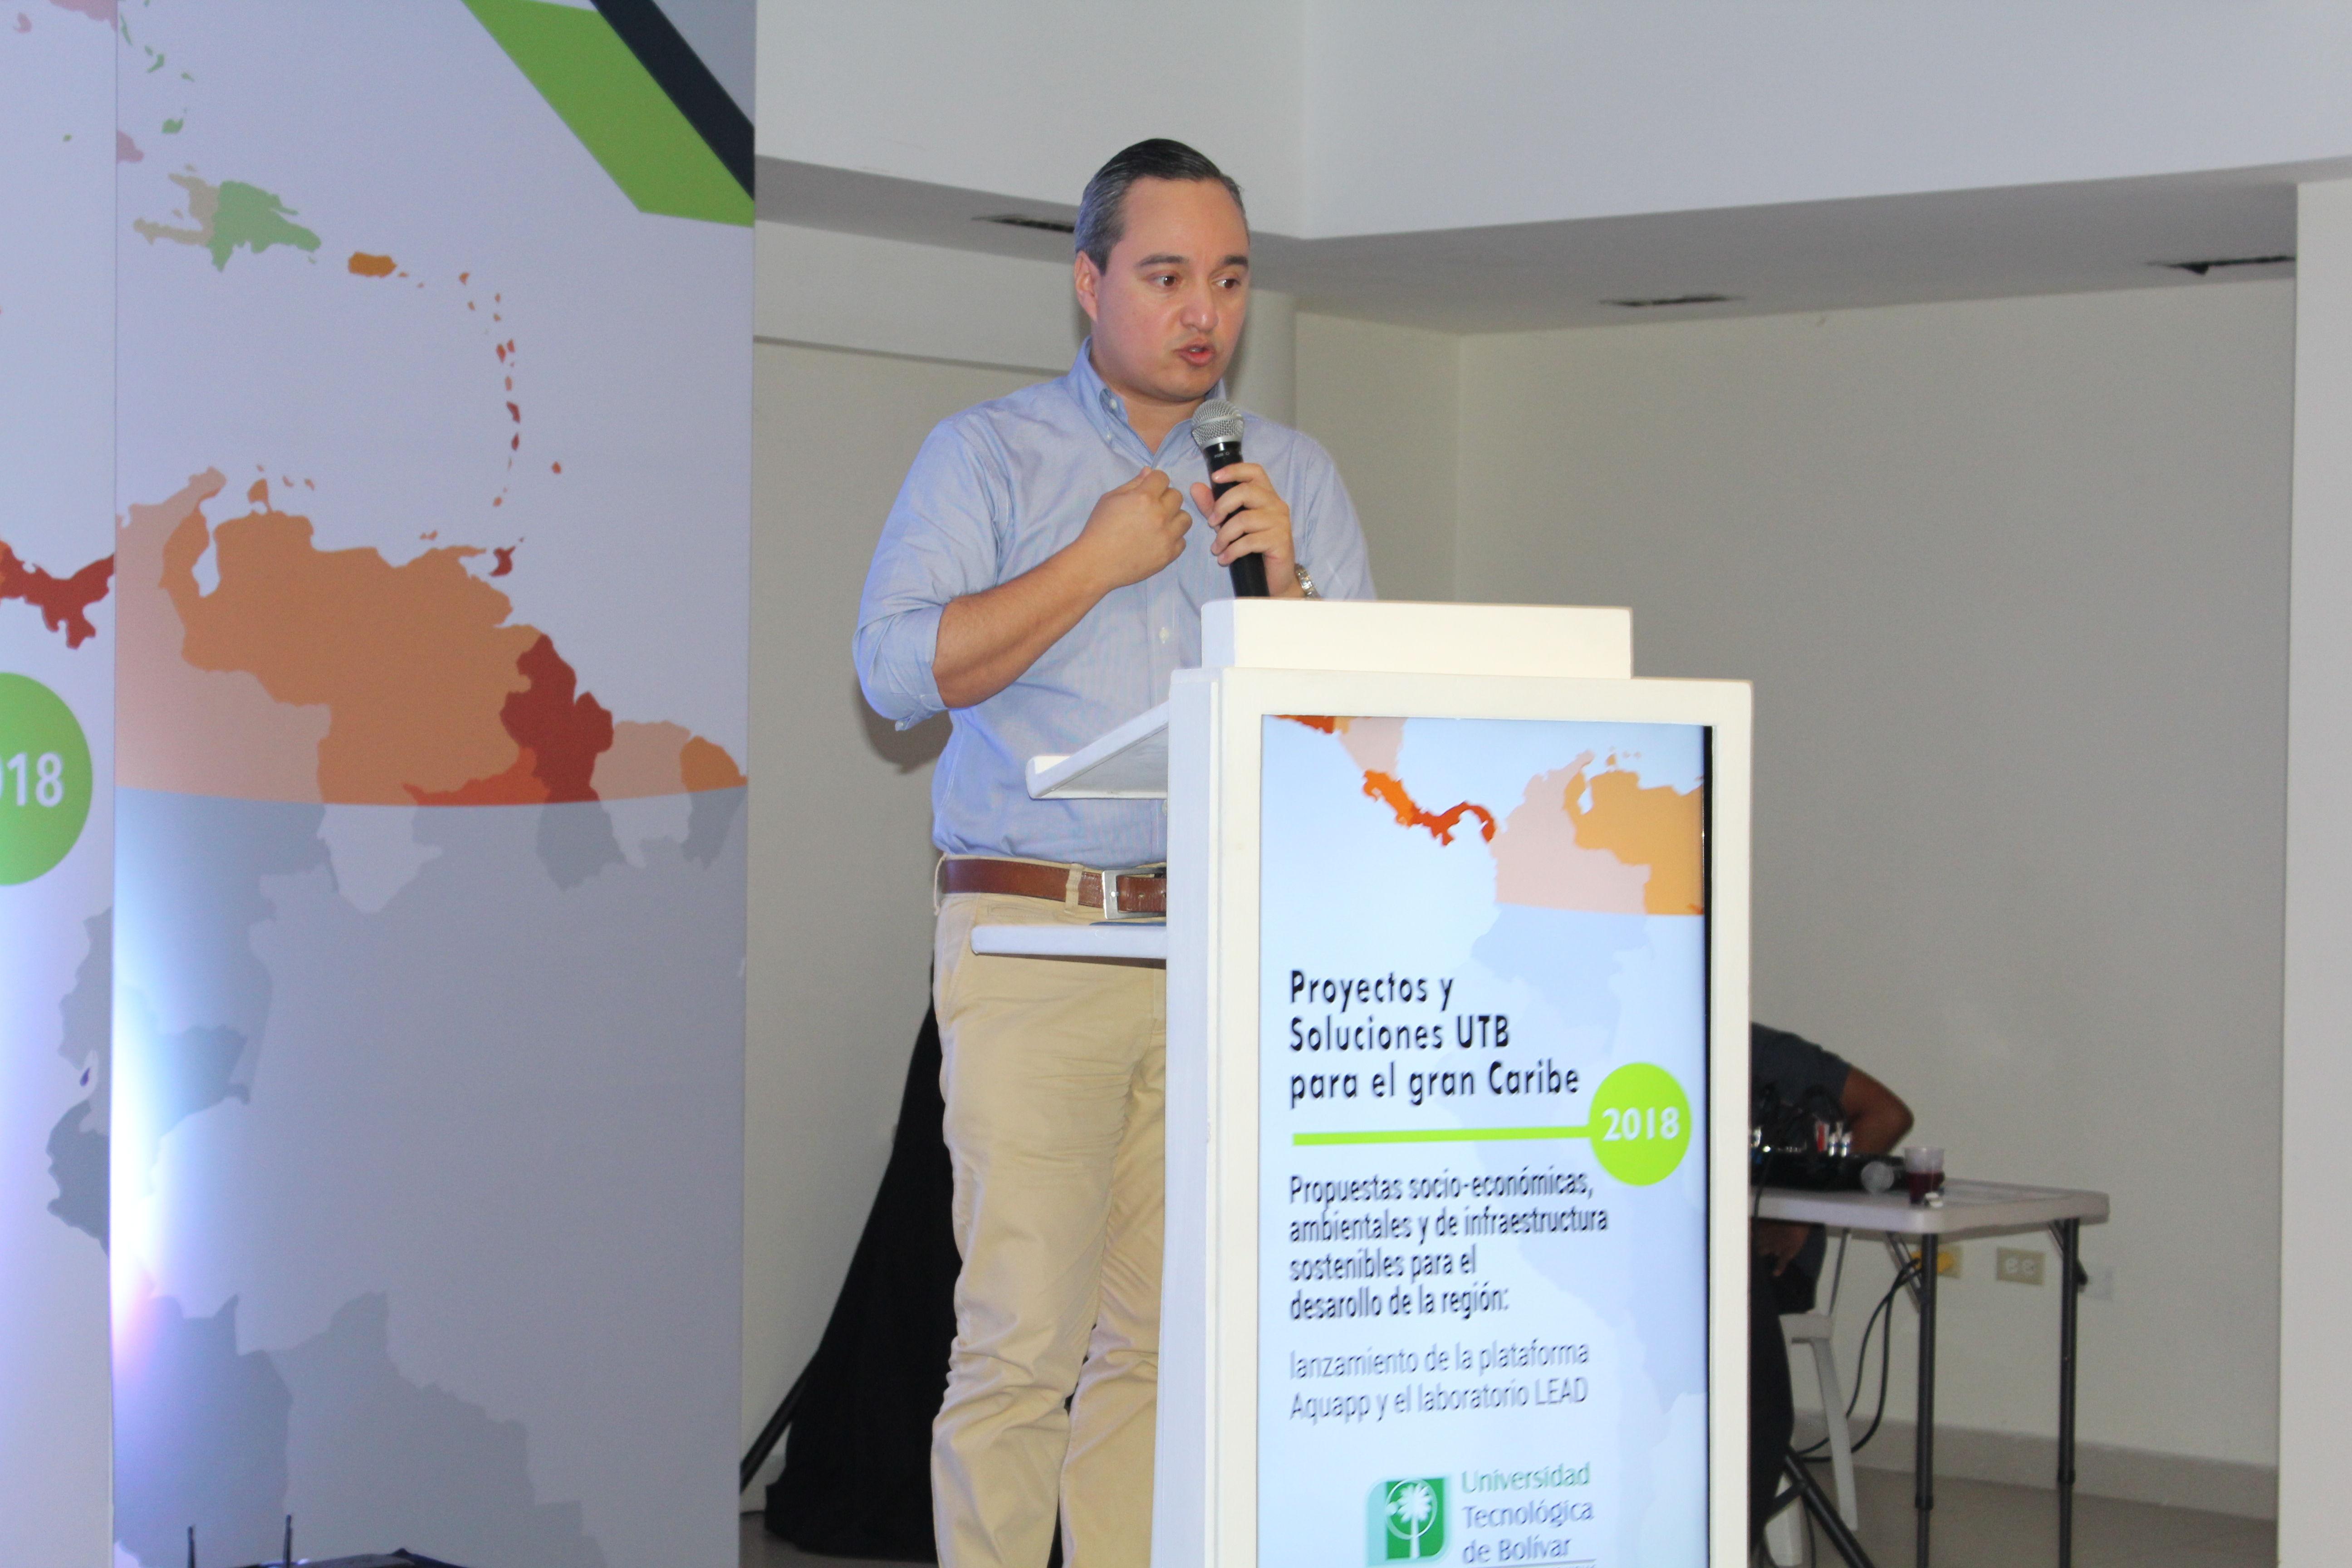 UTB le apunta a la solución de problemas en el Caribe colombiano con 7 proyectos de investigación